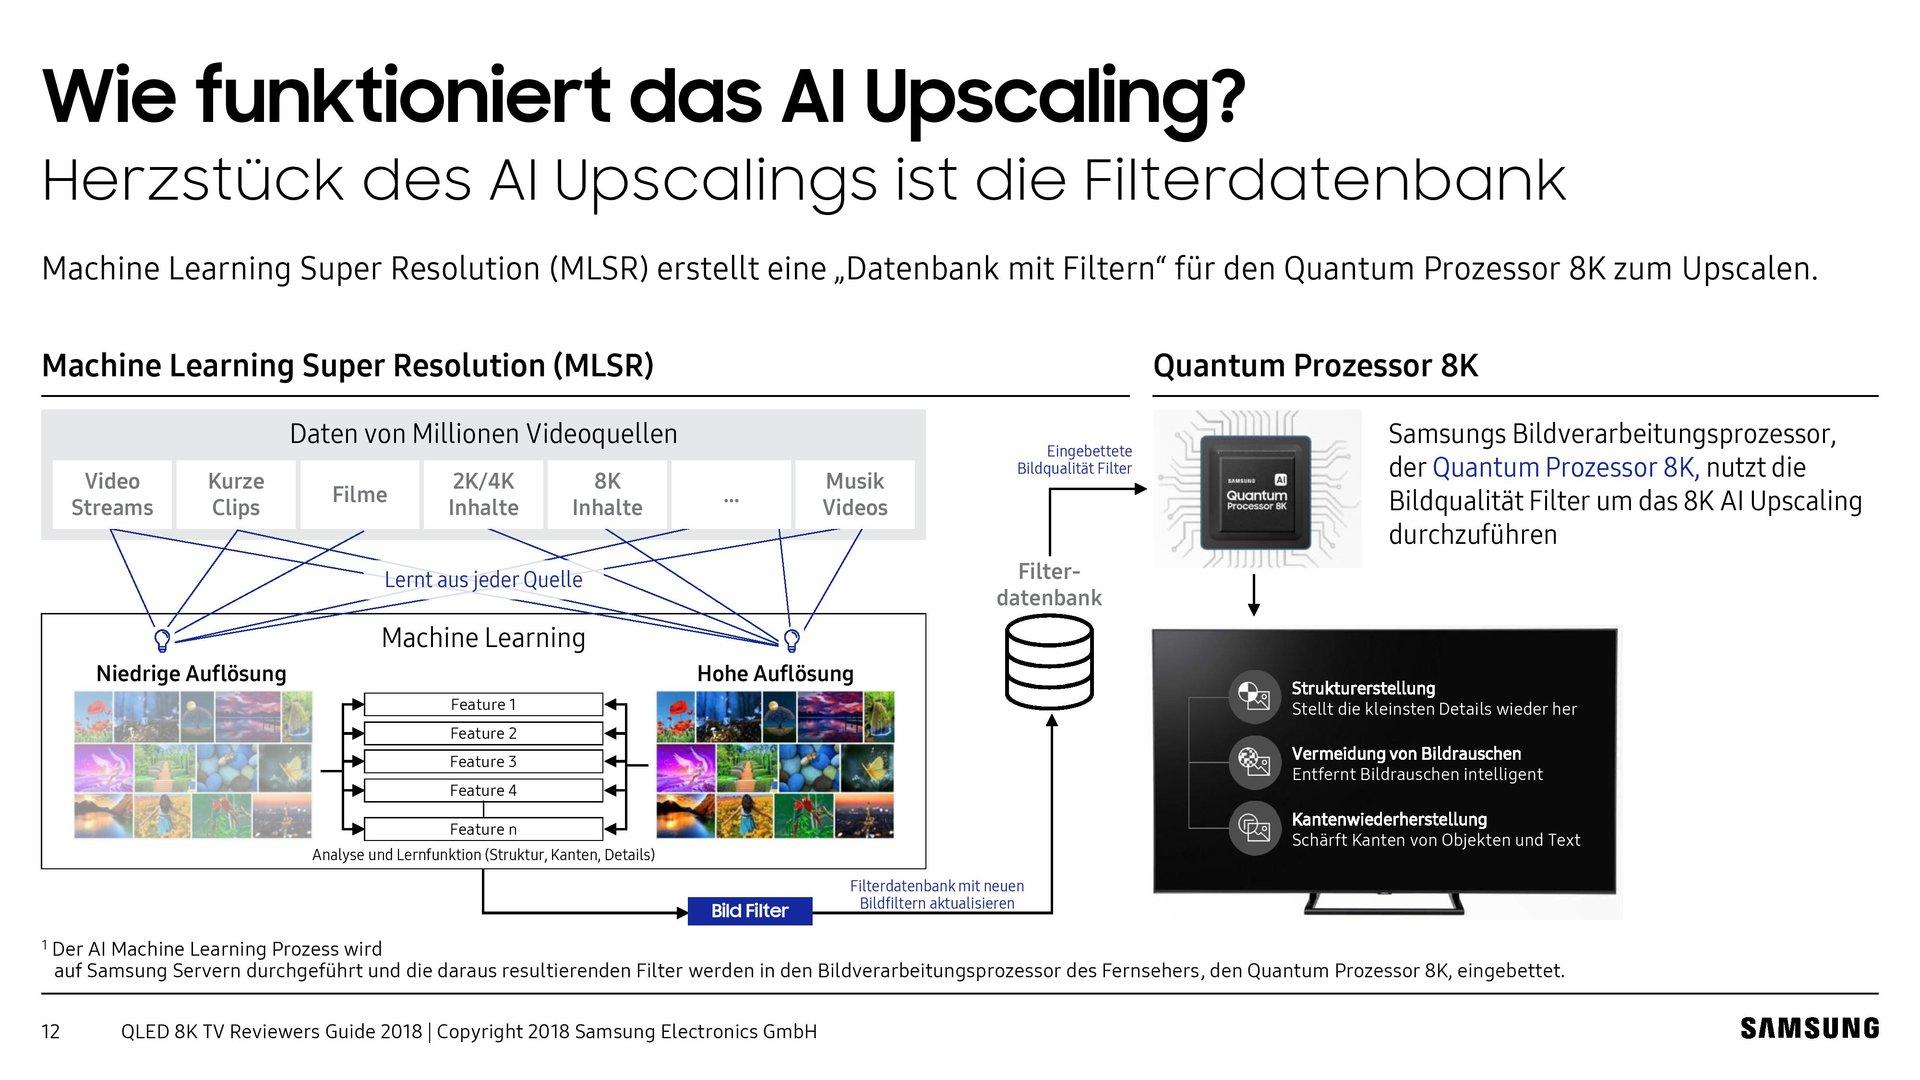 AI-Upscaling zusammengefasst